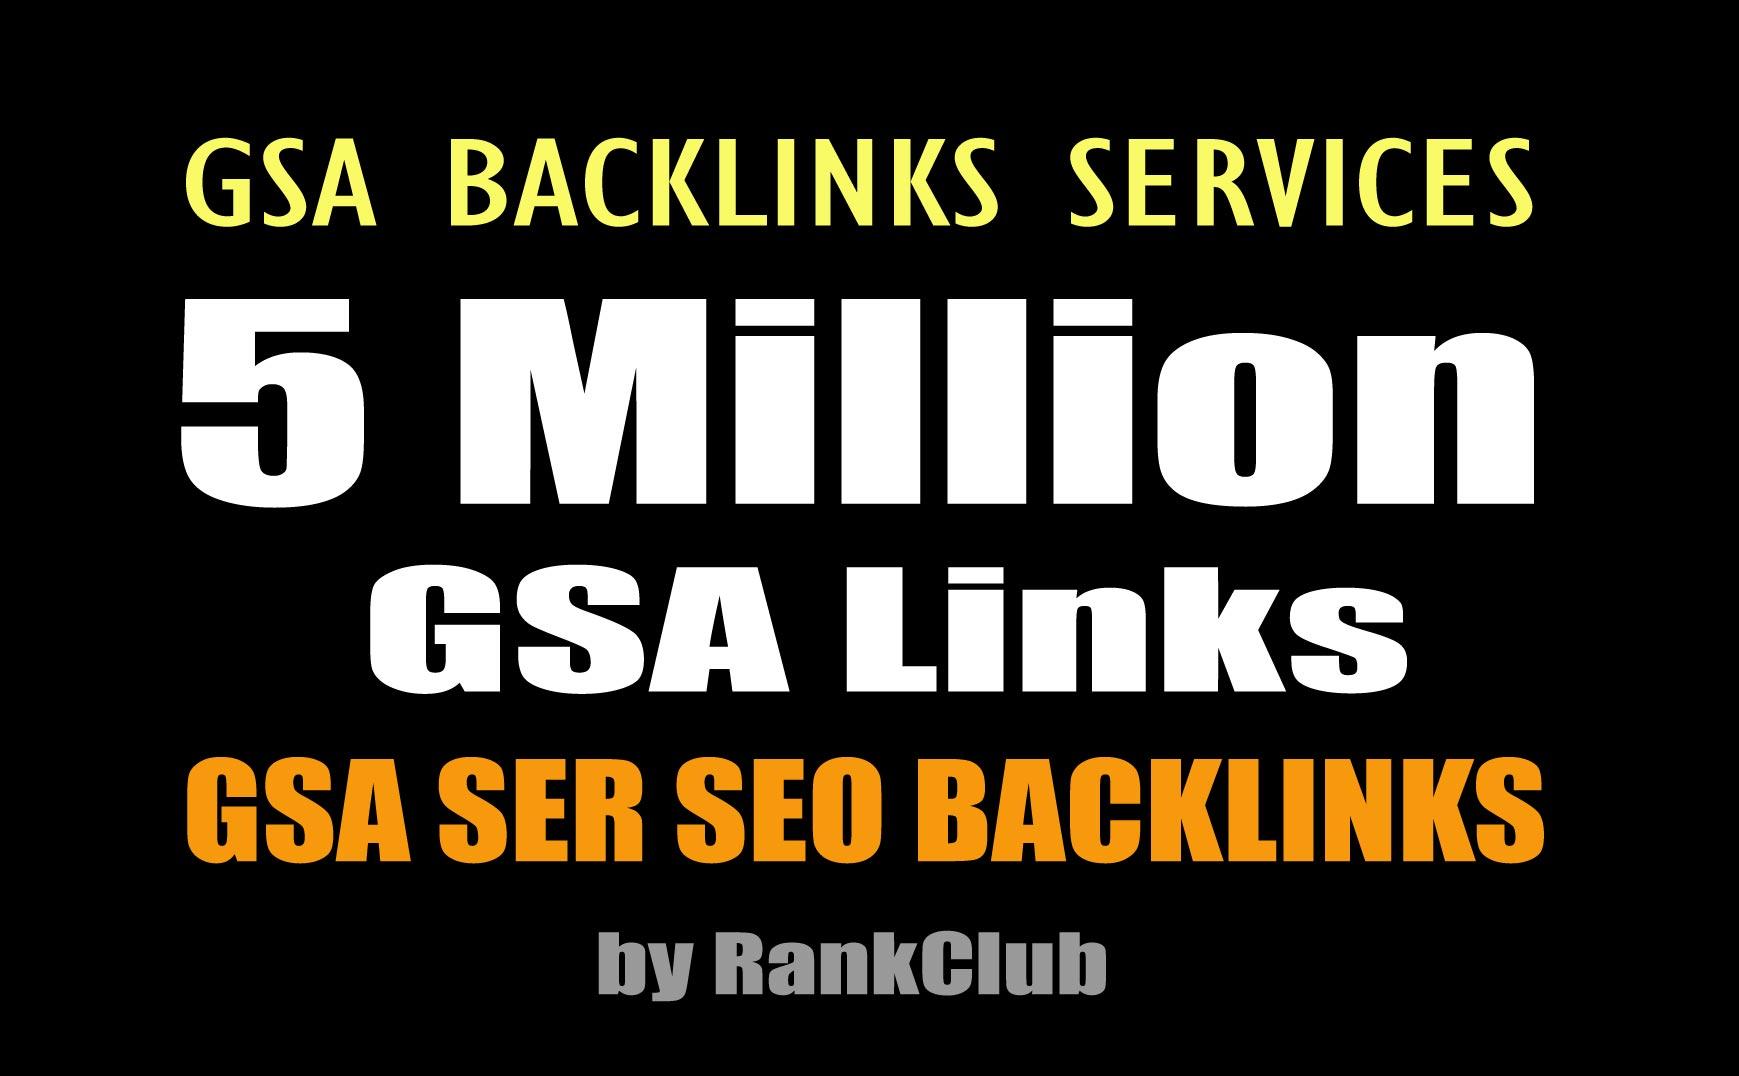 I will do 5 million gsa backlinks